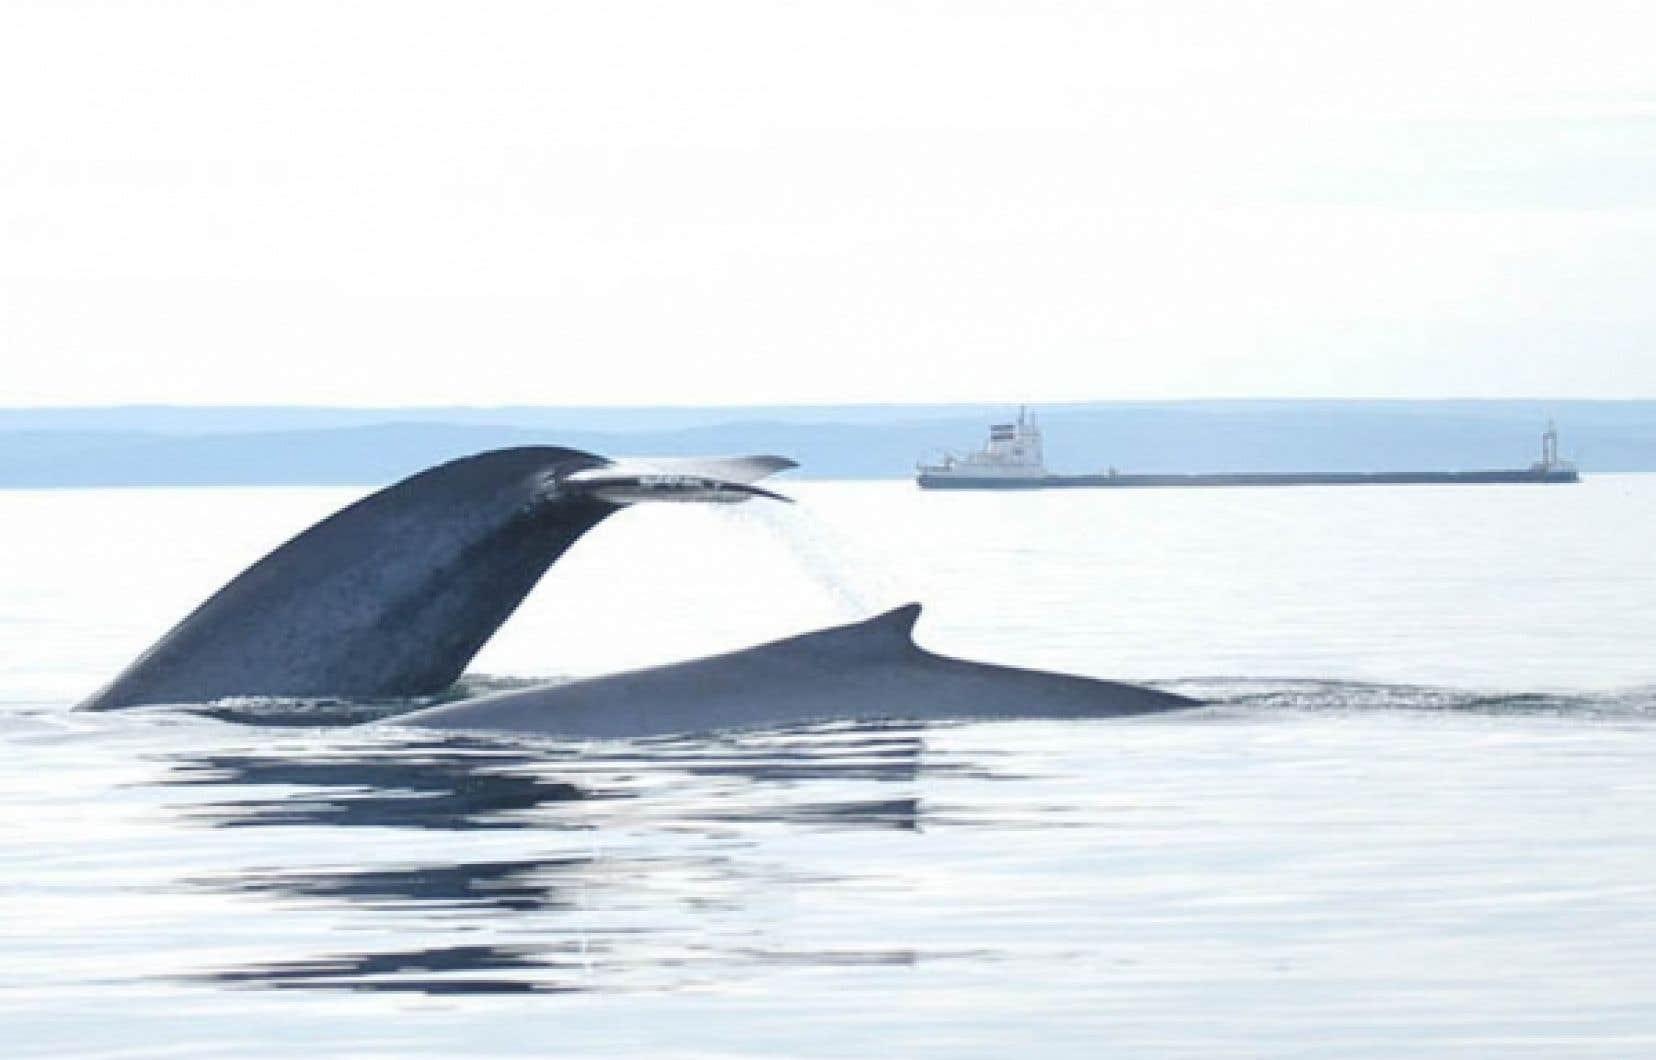 Plusieurs espèces pourraient souffrir de l'exploitation d'hydrocarbures dans le golfe du Saint-Laurent.